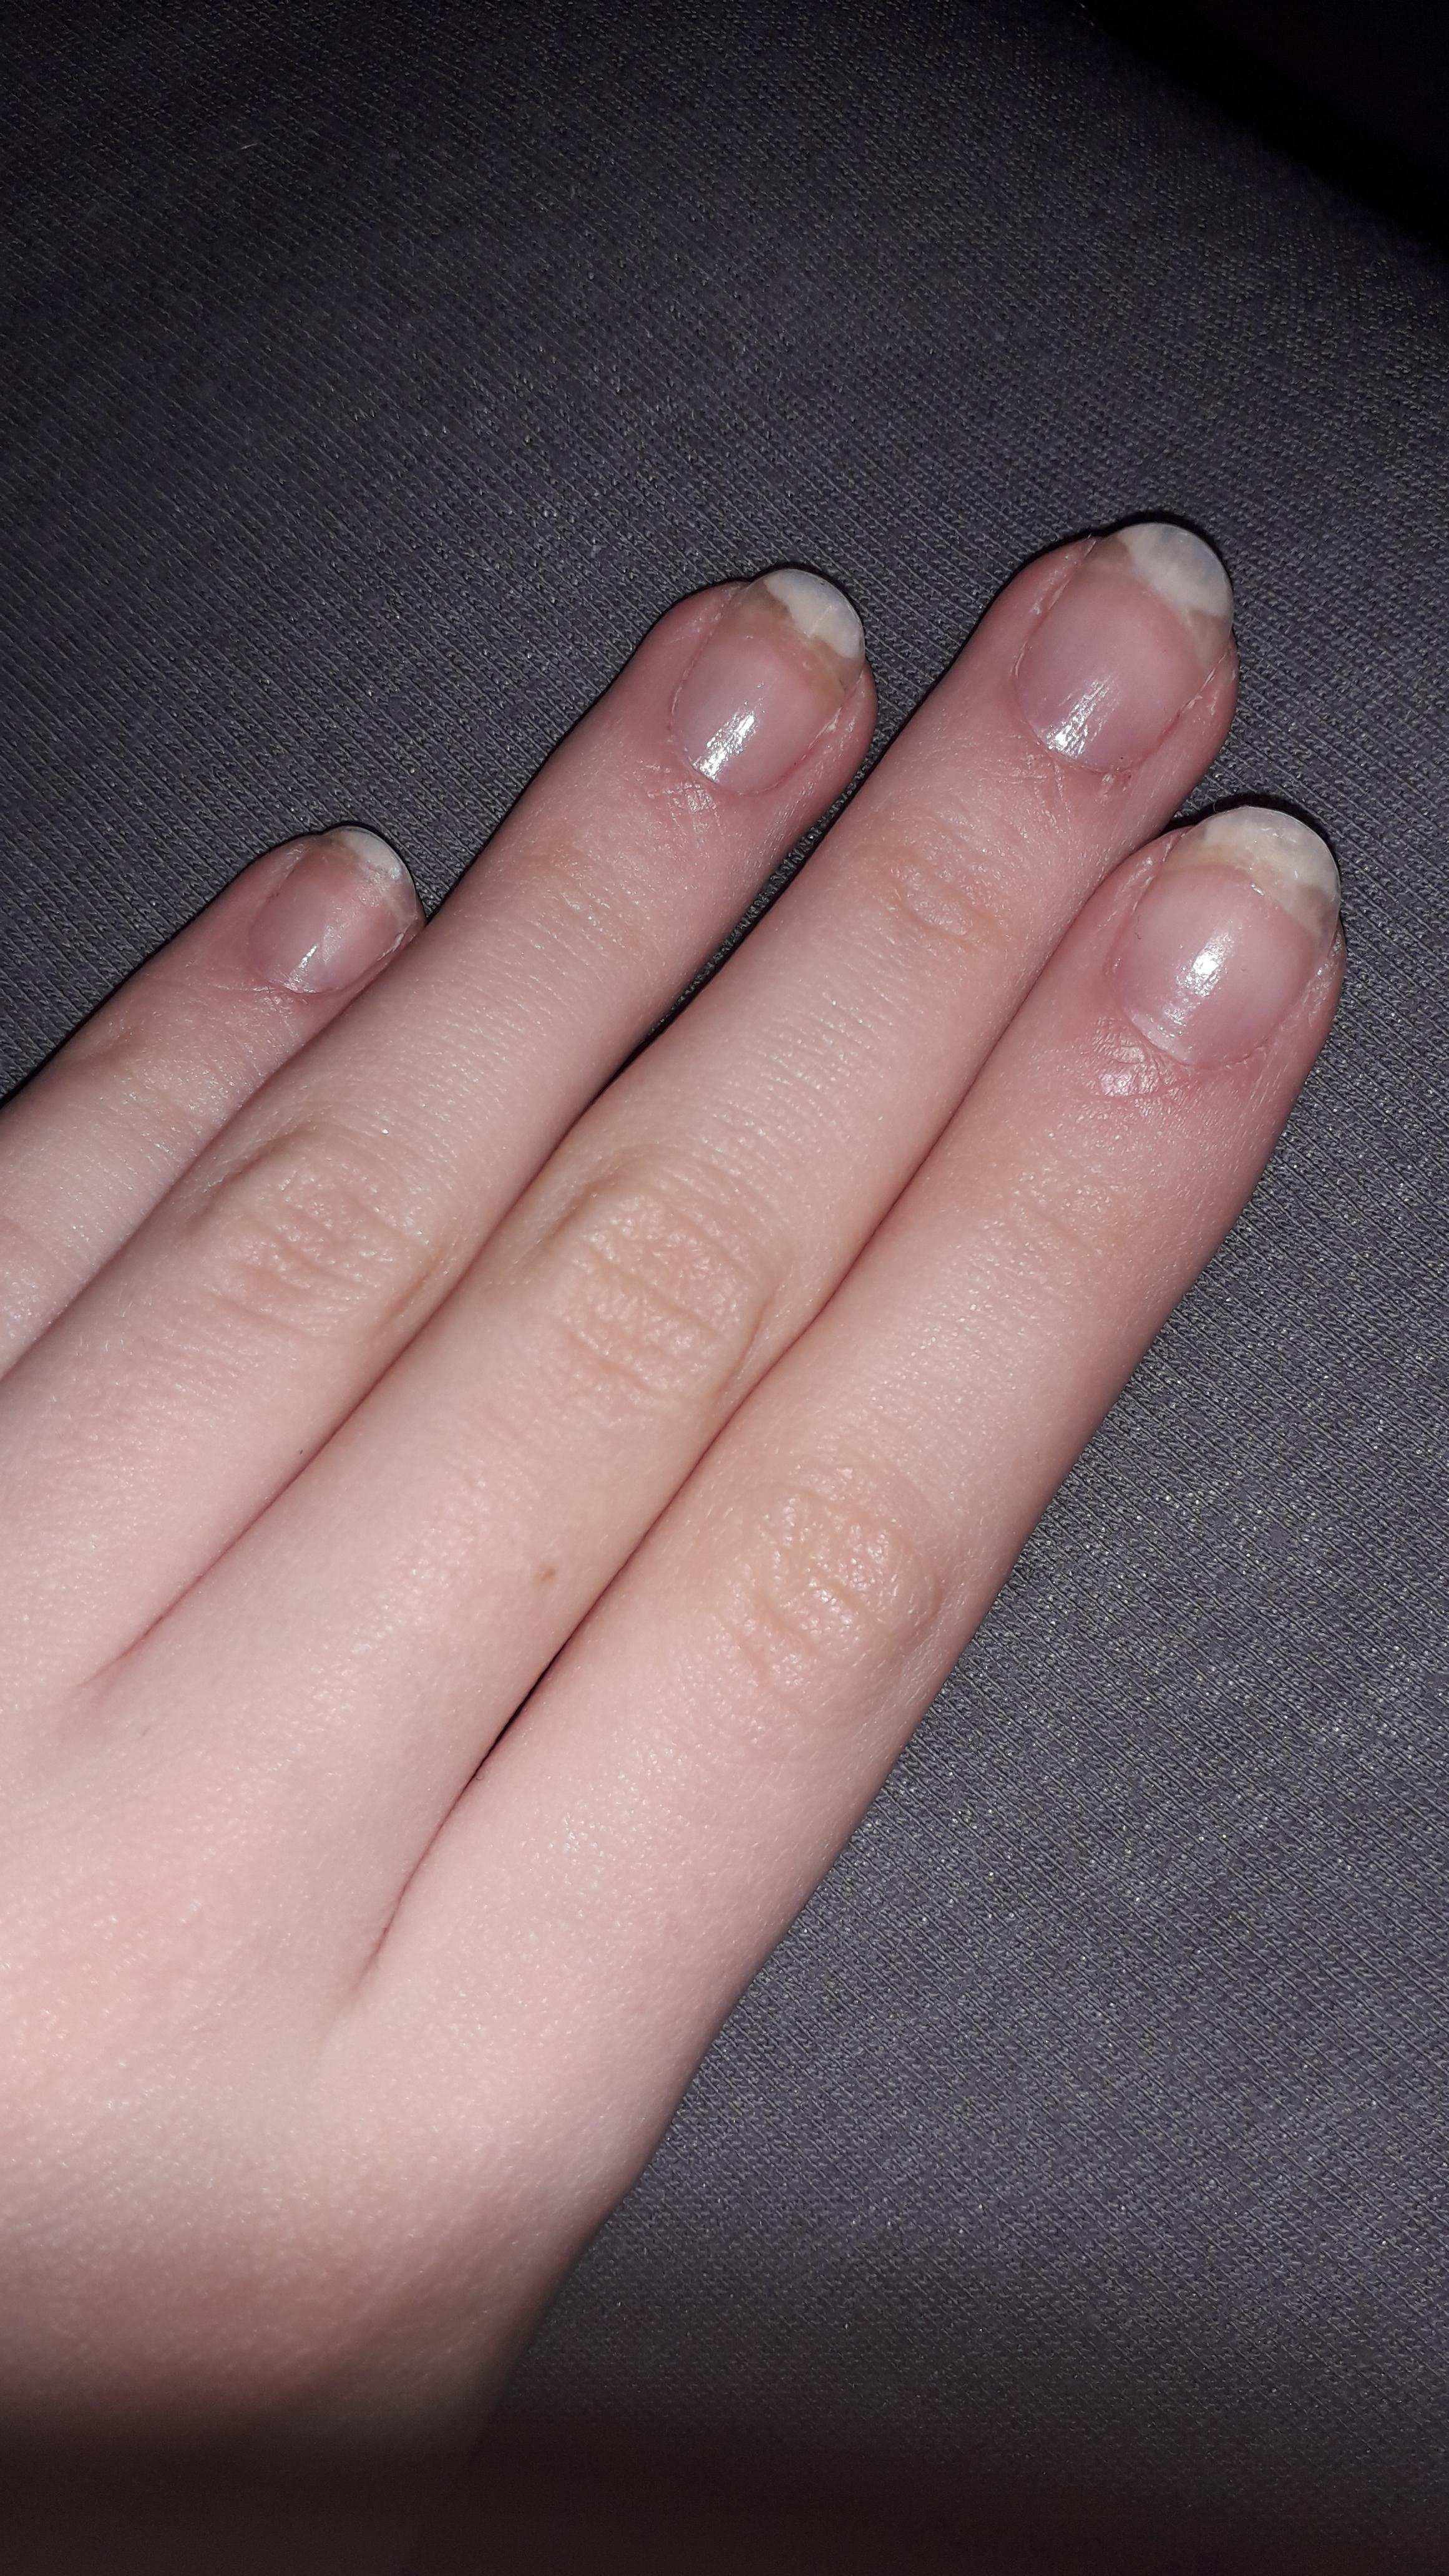 Milchig Weisse Flecken Auf Den Nageln Gesundheit Und Medizin Nagel Finger